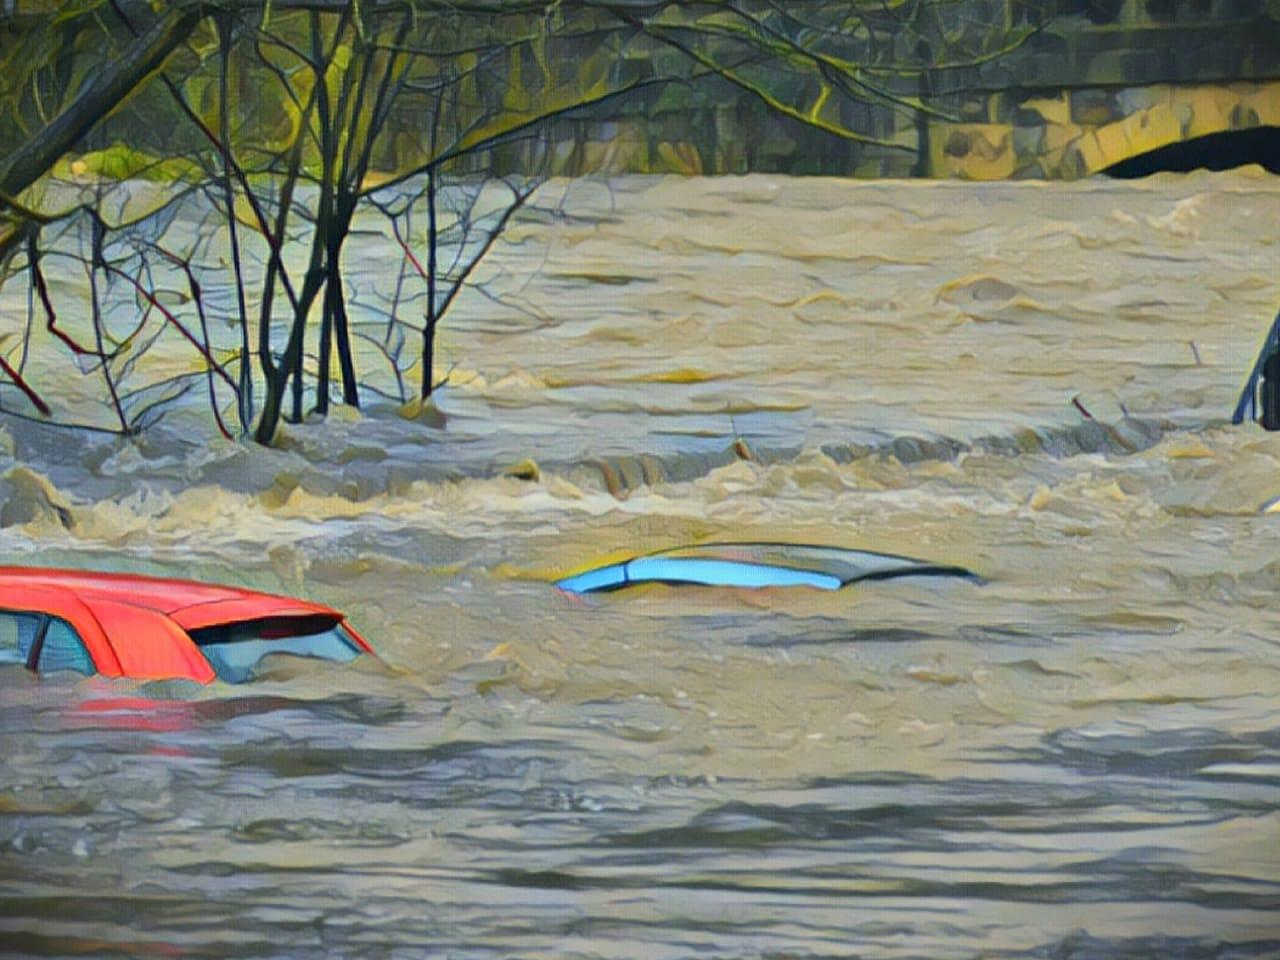 https: img.okezone.com content 2020 01 03 512 2148875 ini-daerah-daerah-di-jateng-yang-berpotensi-banjir-besar-AxaDLrLOlj.jpg